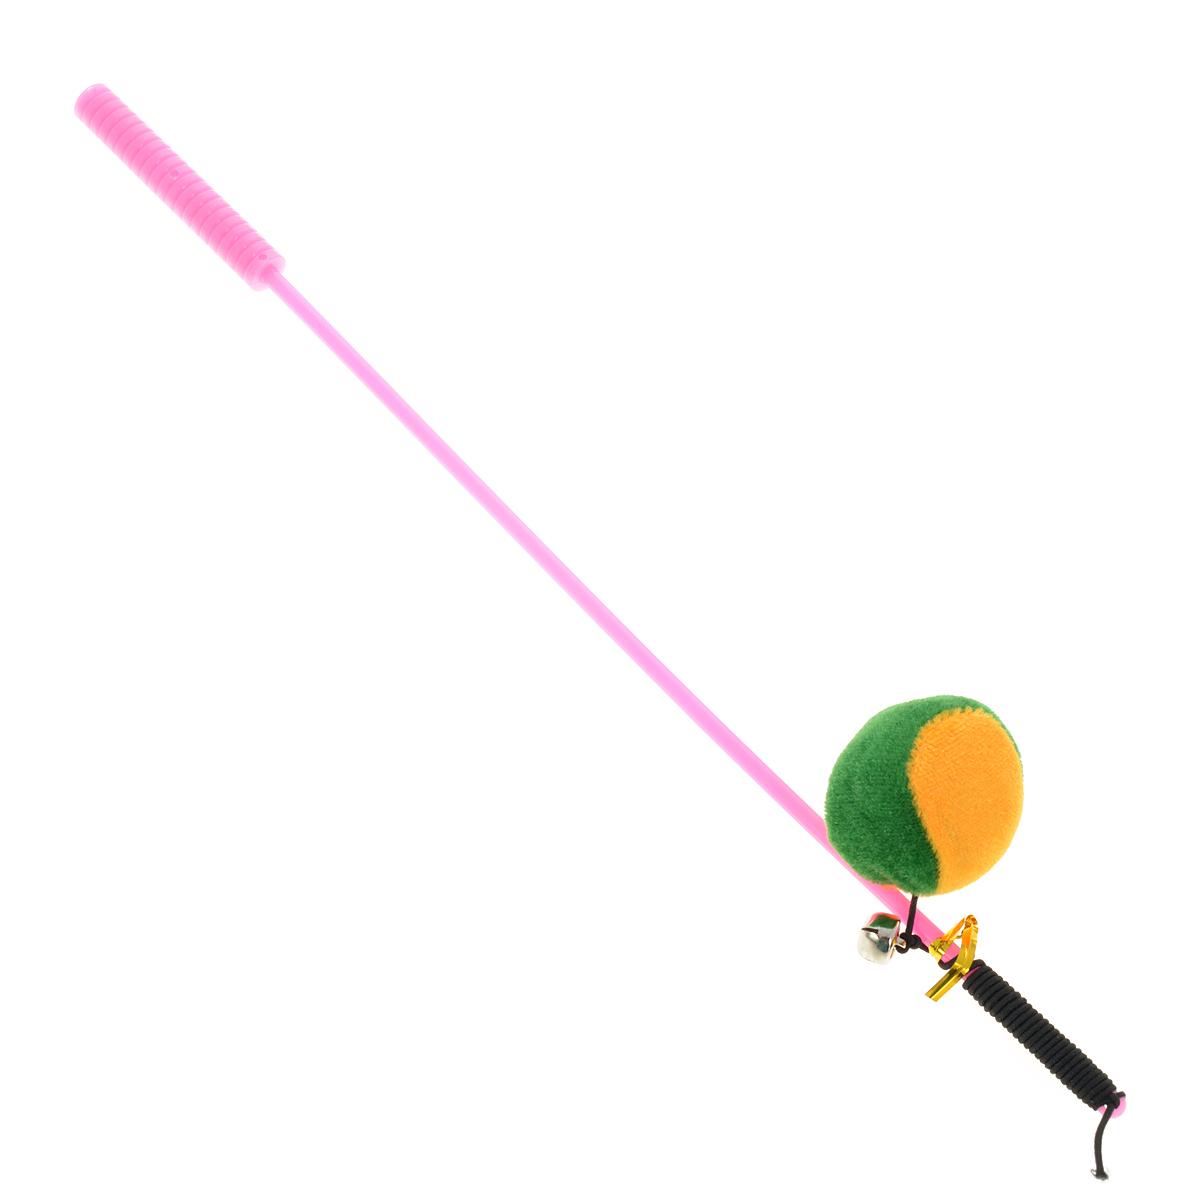 Дразнилка-удочка для кошек V.I.Pet Мяч, цвет: розовыйST-107Дразнилка-удочка для кошек V.I.Pet Мяч, изготовленная из текстиля и пластика, прекрасно подойдет для веселых игр вашего пушистого любимца. Играя с этой забавной дразнилкой, маленькие котята развиваются физически, а взрослые кошки и коты поддерживают свой мышечный тонус. Яркая игрушка на конце удочки сразу привлечет внимание вашего любимца, не навредит здоровью и увлечет его на долгое время. Длина удочки: 37 см. Размер игрушки: 4 см х 4 см х 3 см.